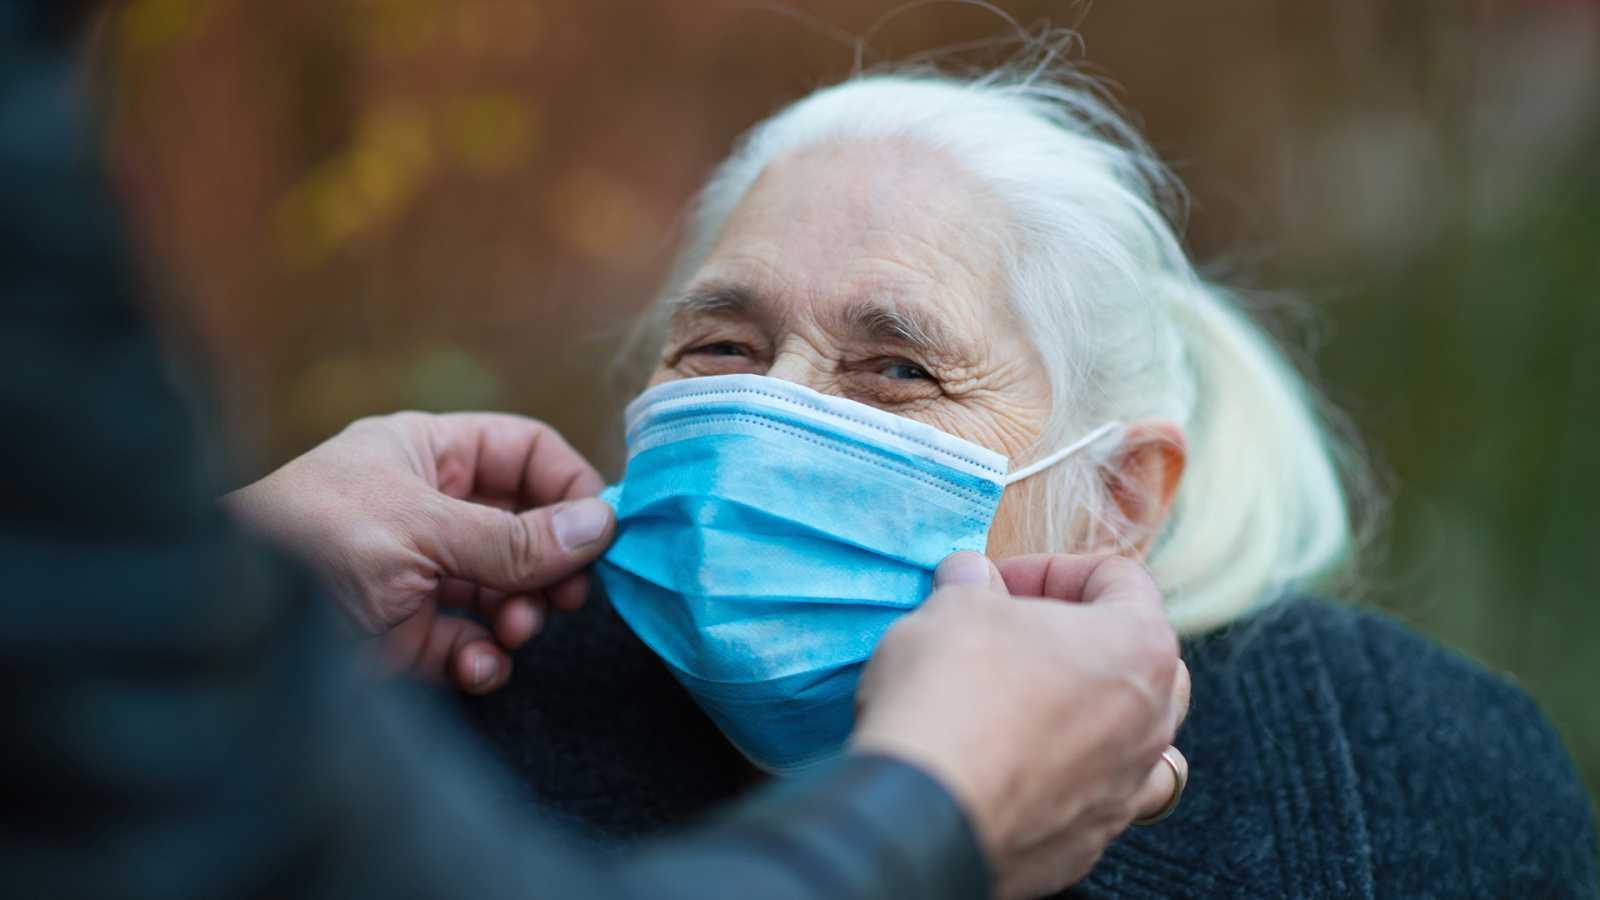 Punto de enlace - La COVID y su incidencia en pacientes con párkinson - 18/12/20 - escuchar ahora